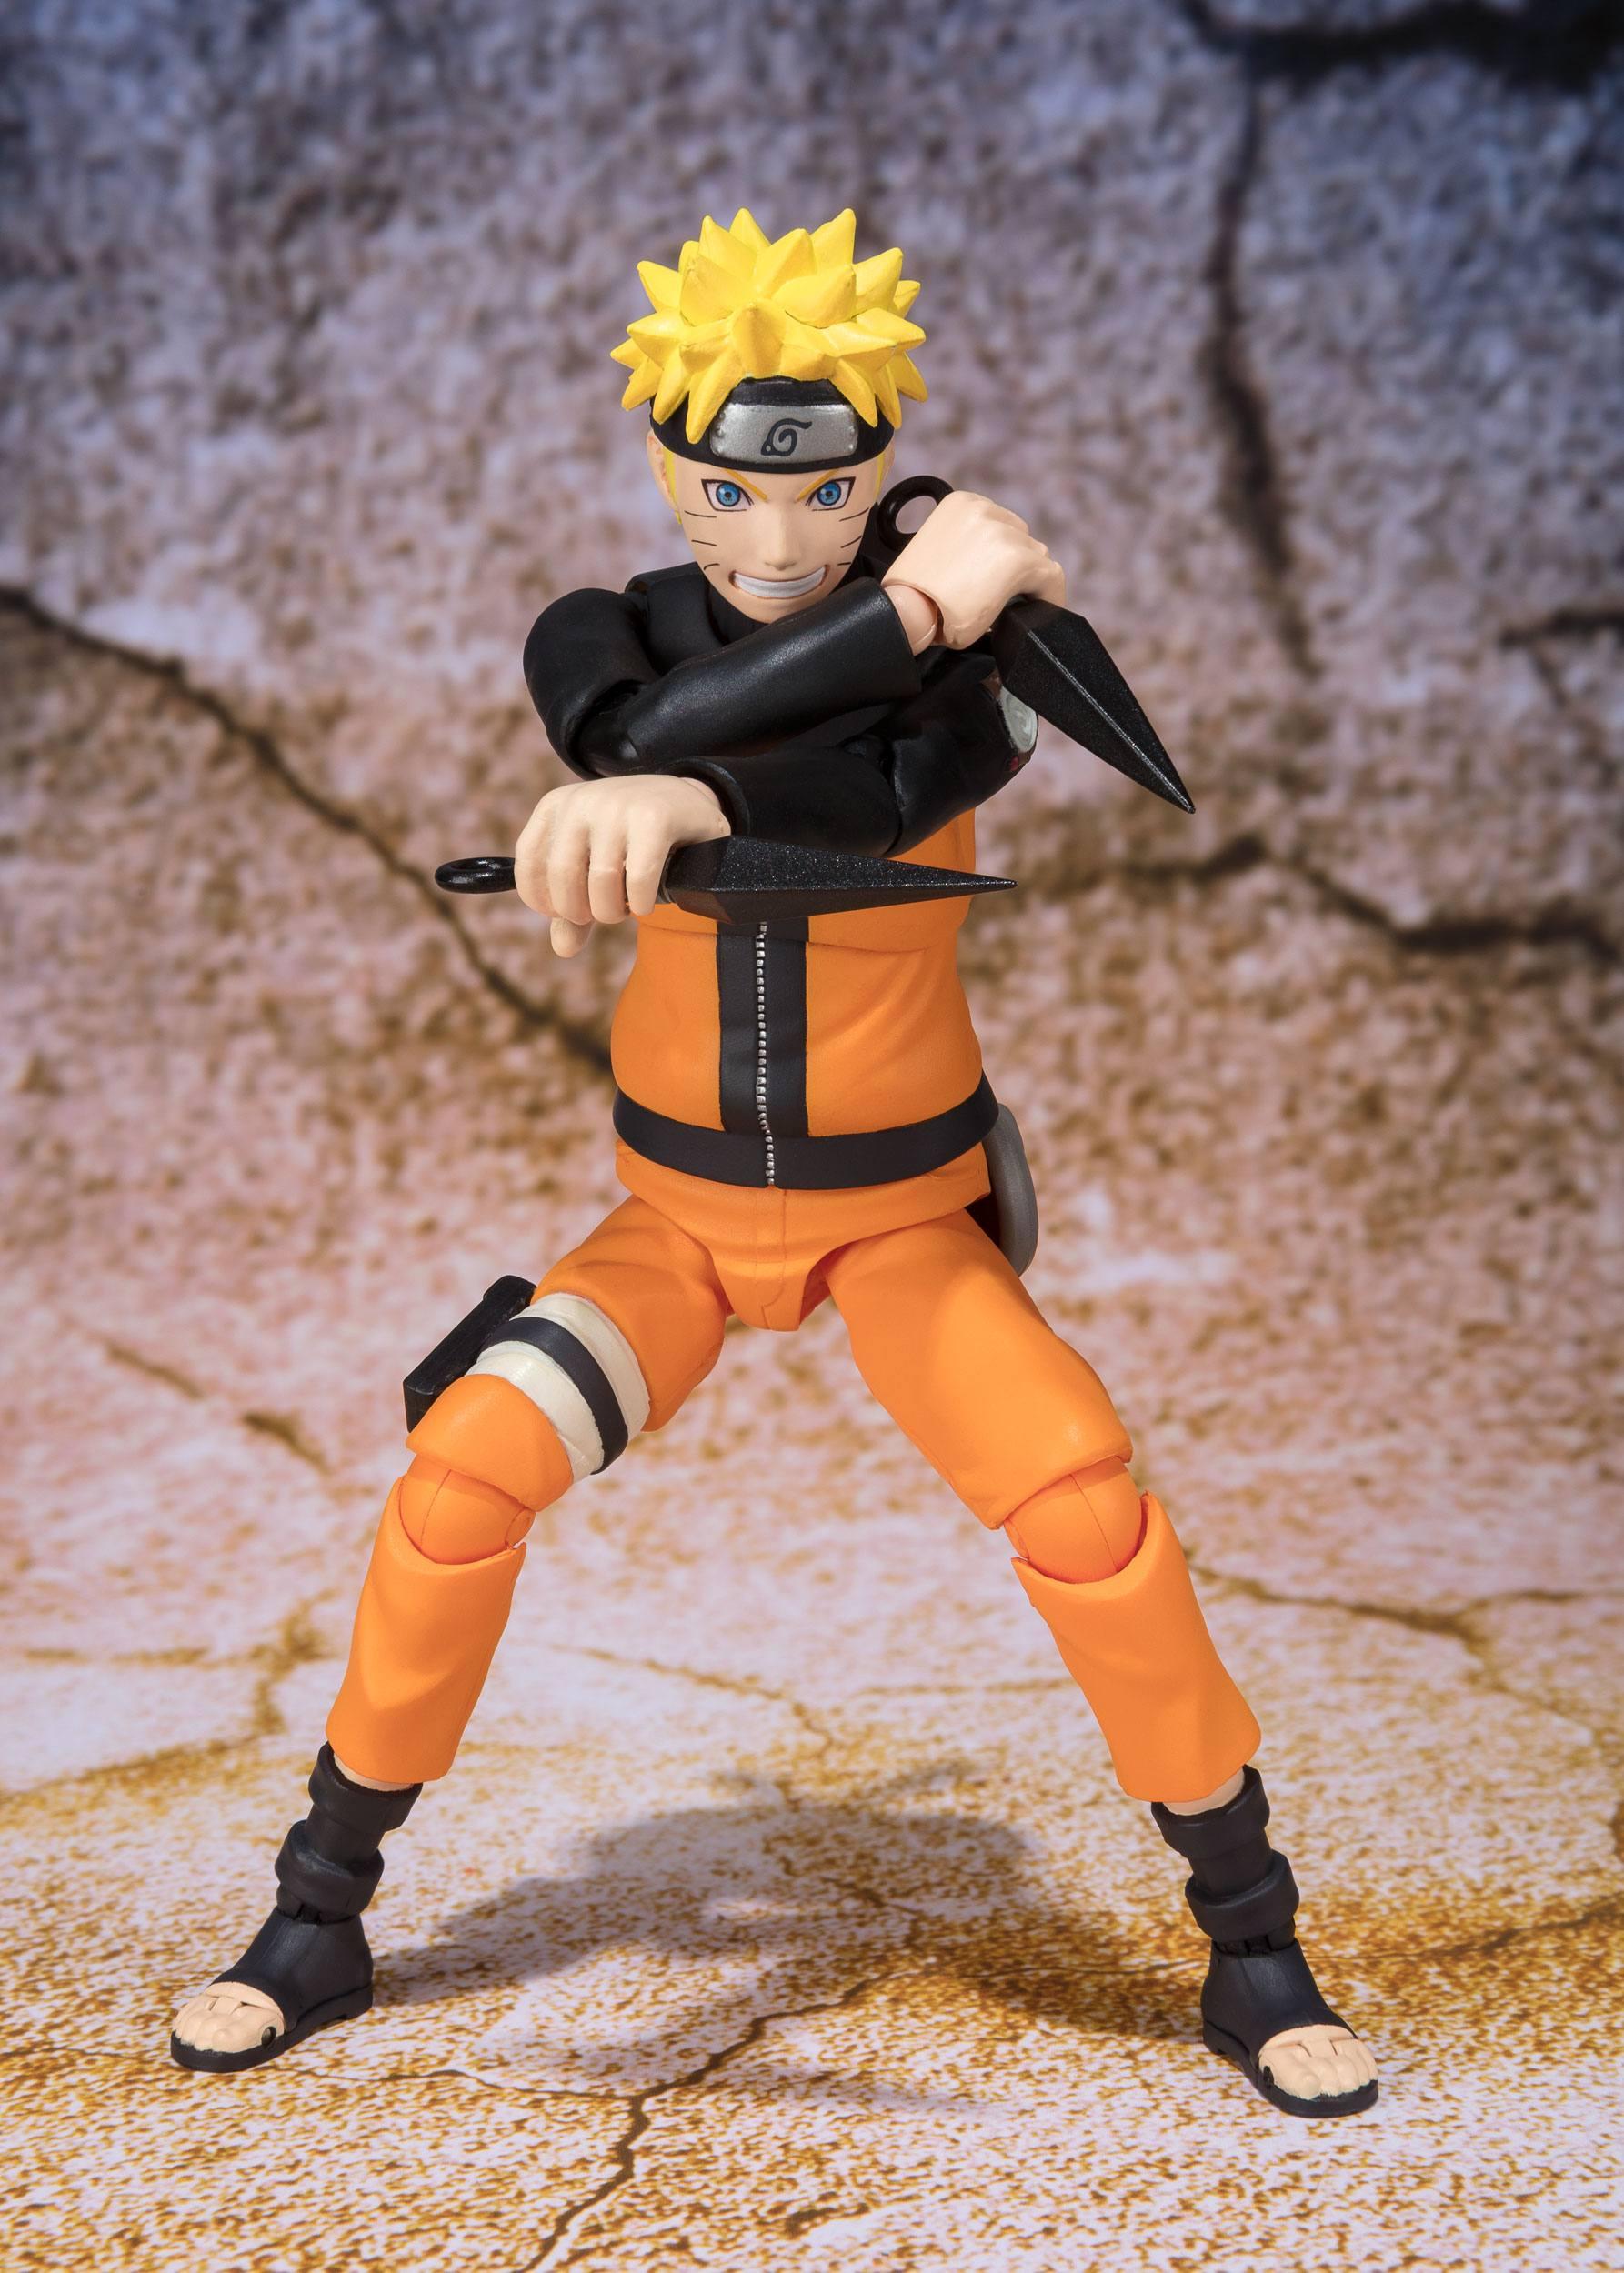 Shippuden SH Figuarts Naruto Uchiha Advanced Sage Mode Action Figure USA NO BOX